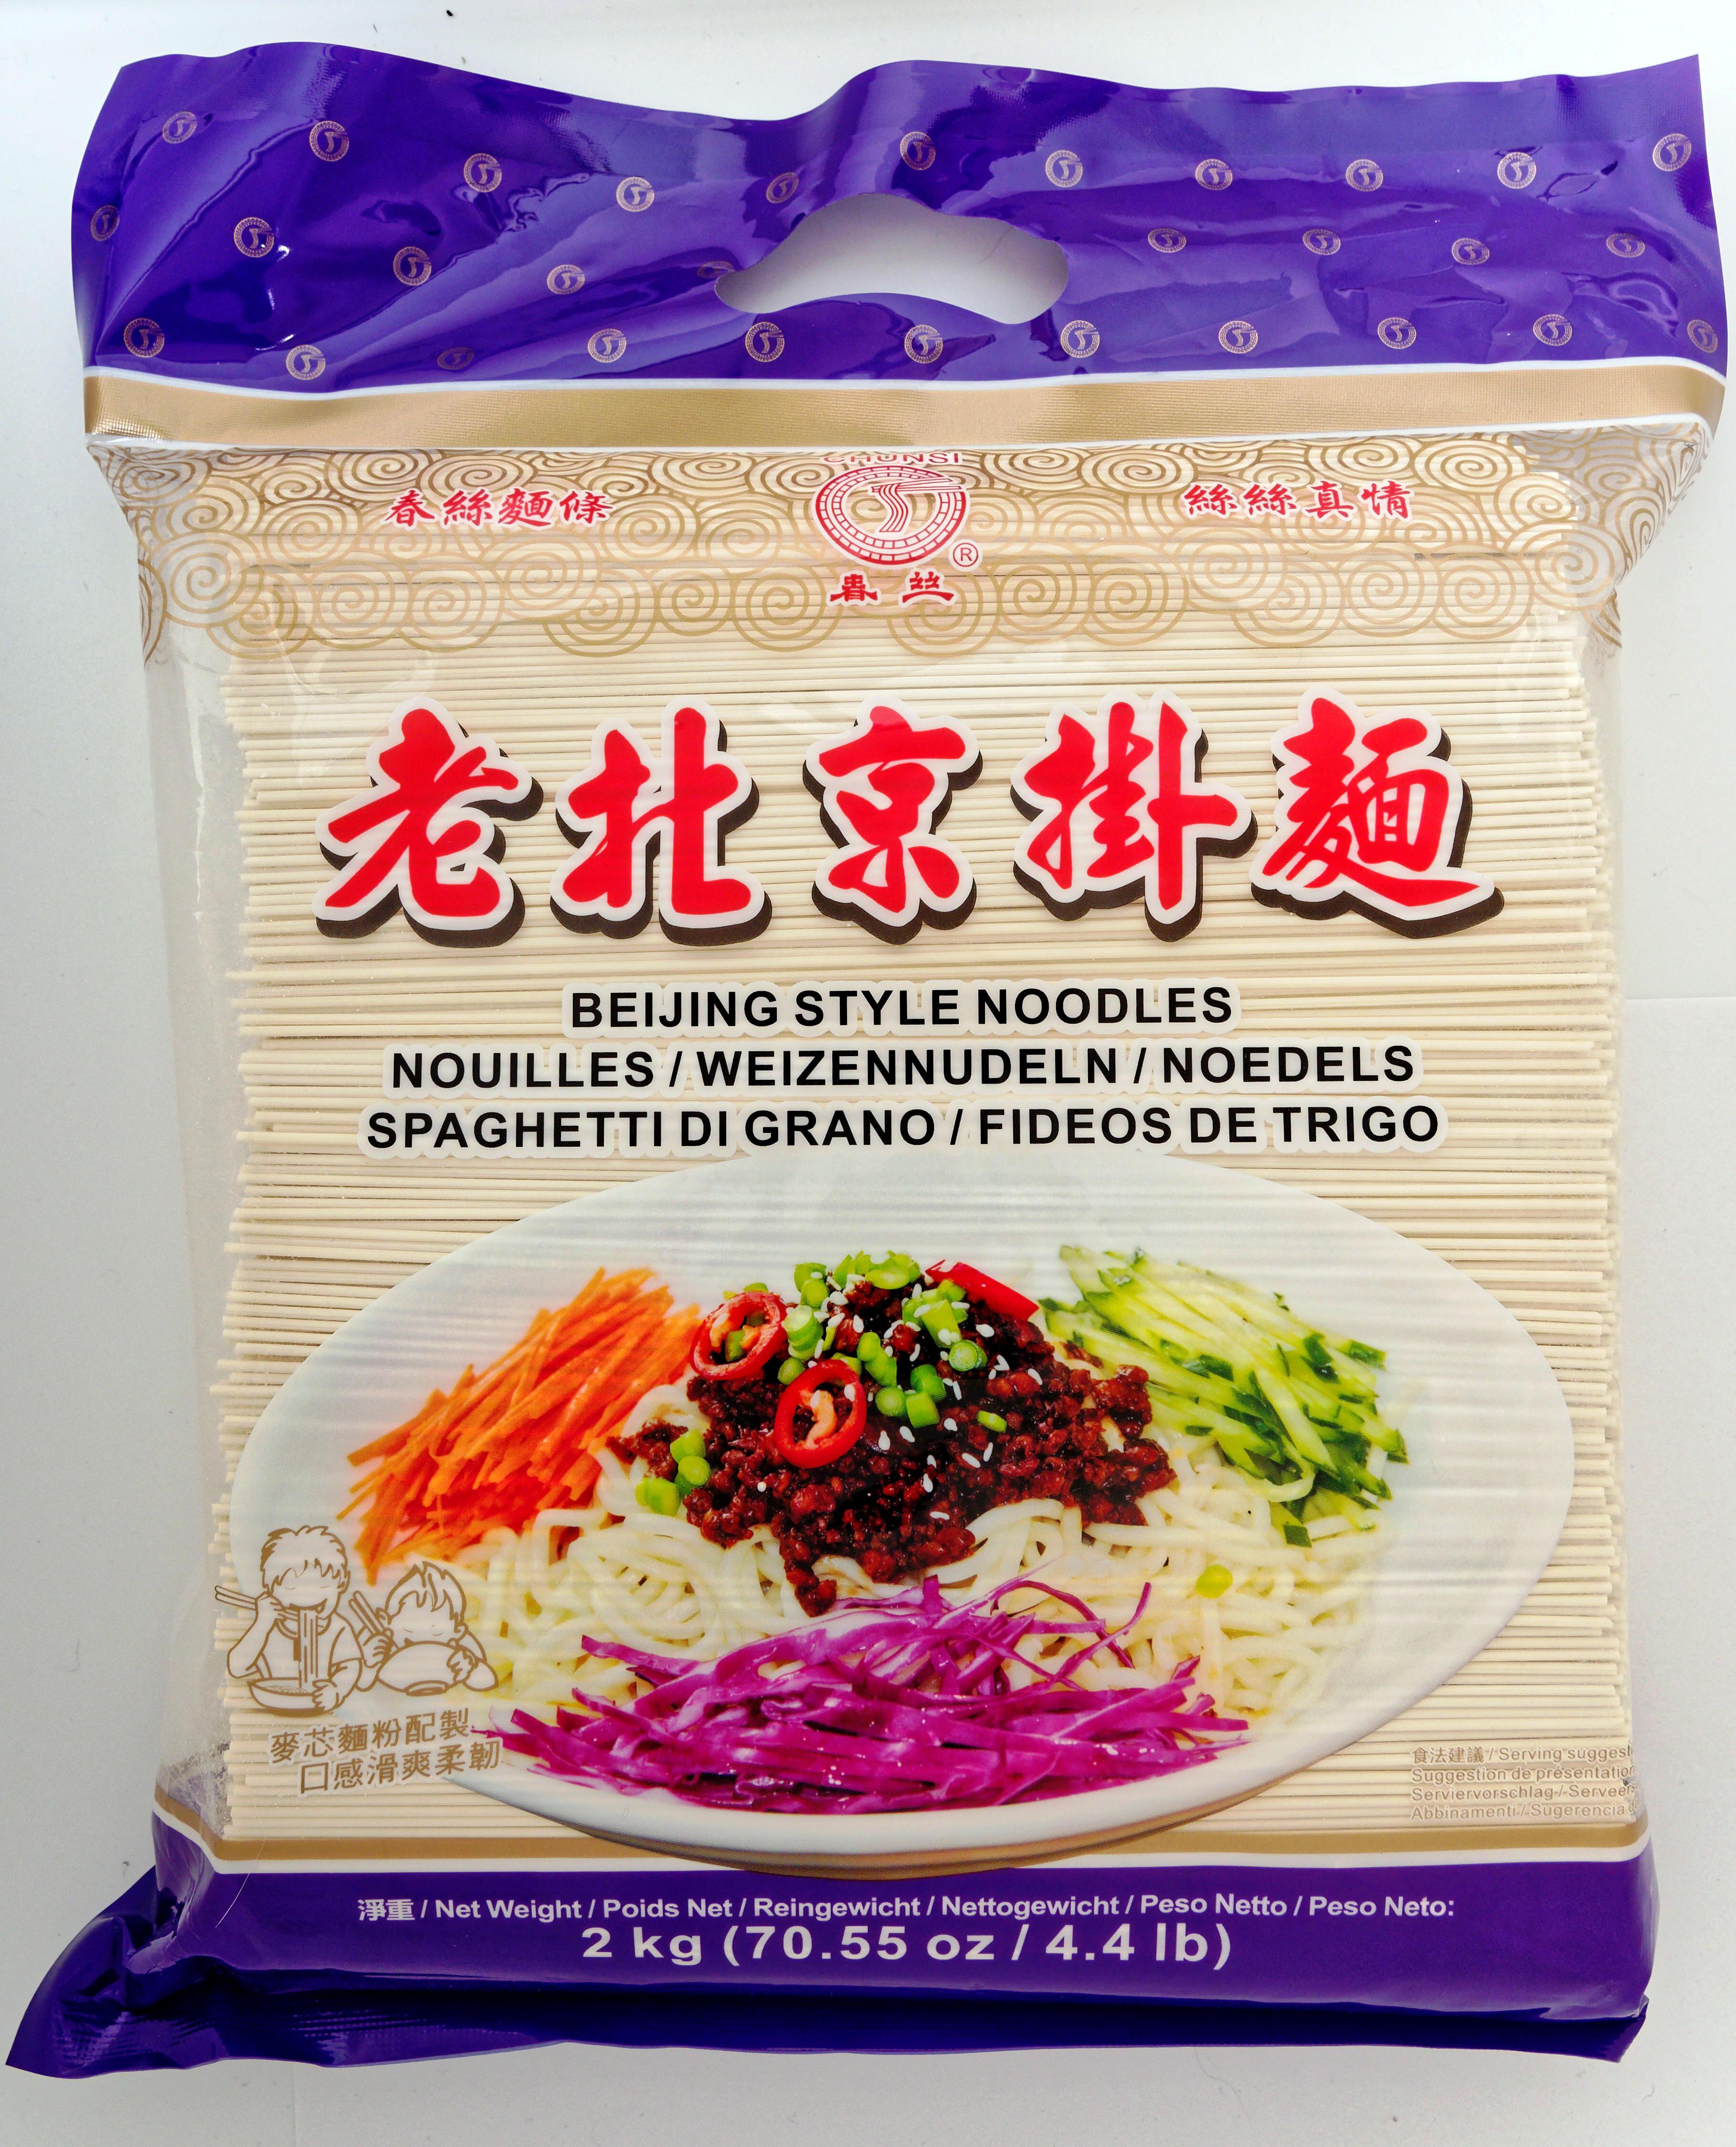 Beijing-noodles-1.jpeg